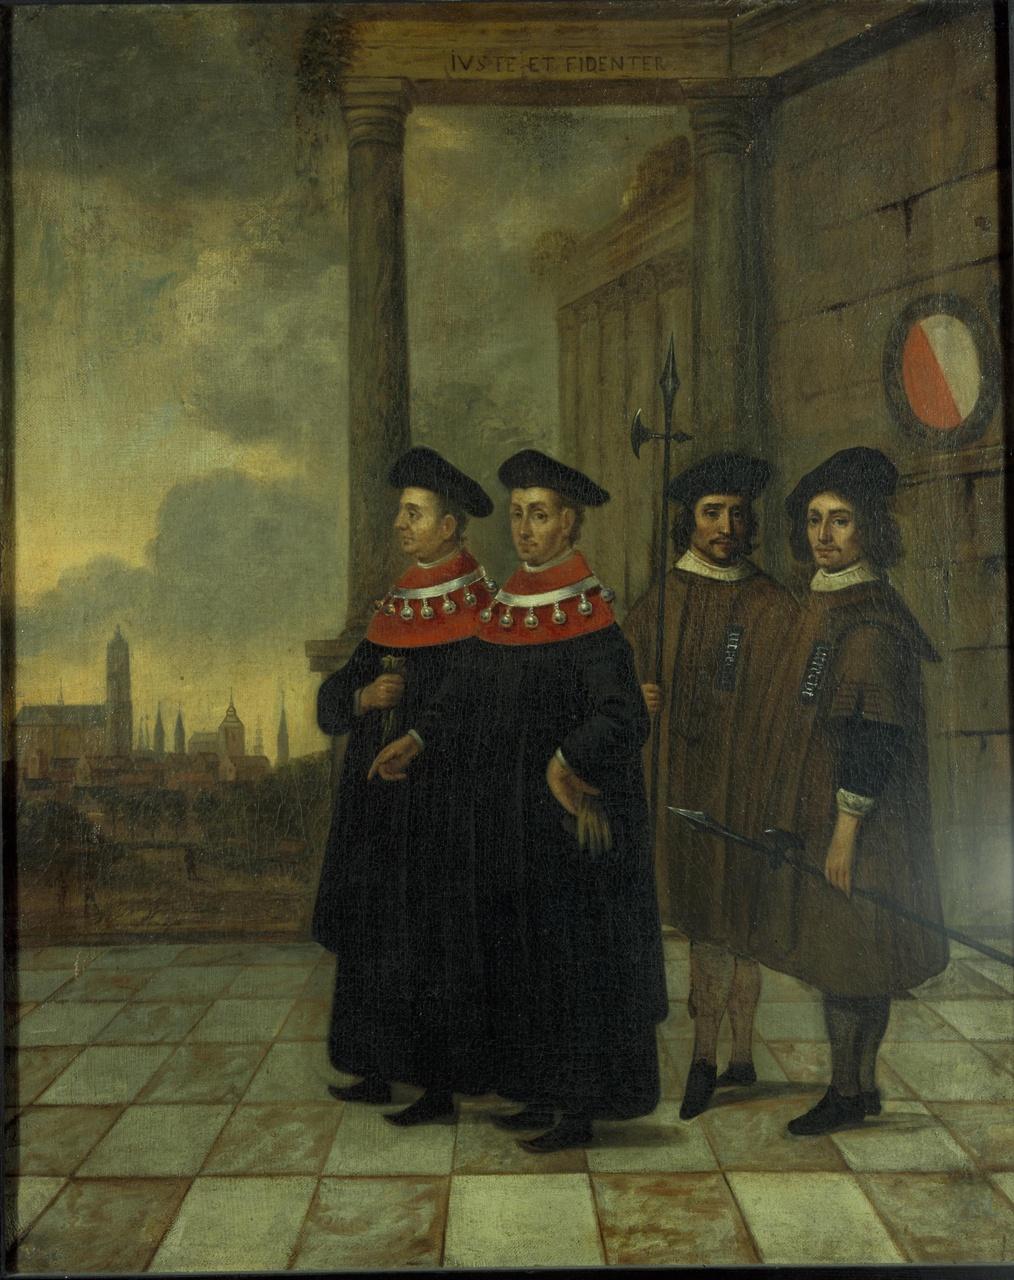 De burgemeesters van Utrecht met de stadsboden